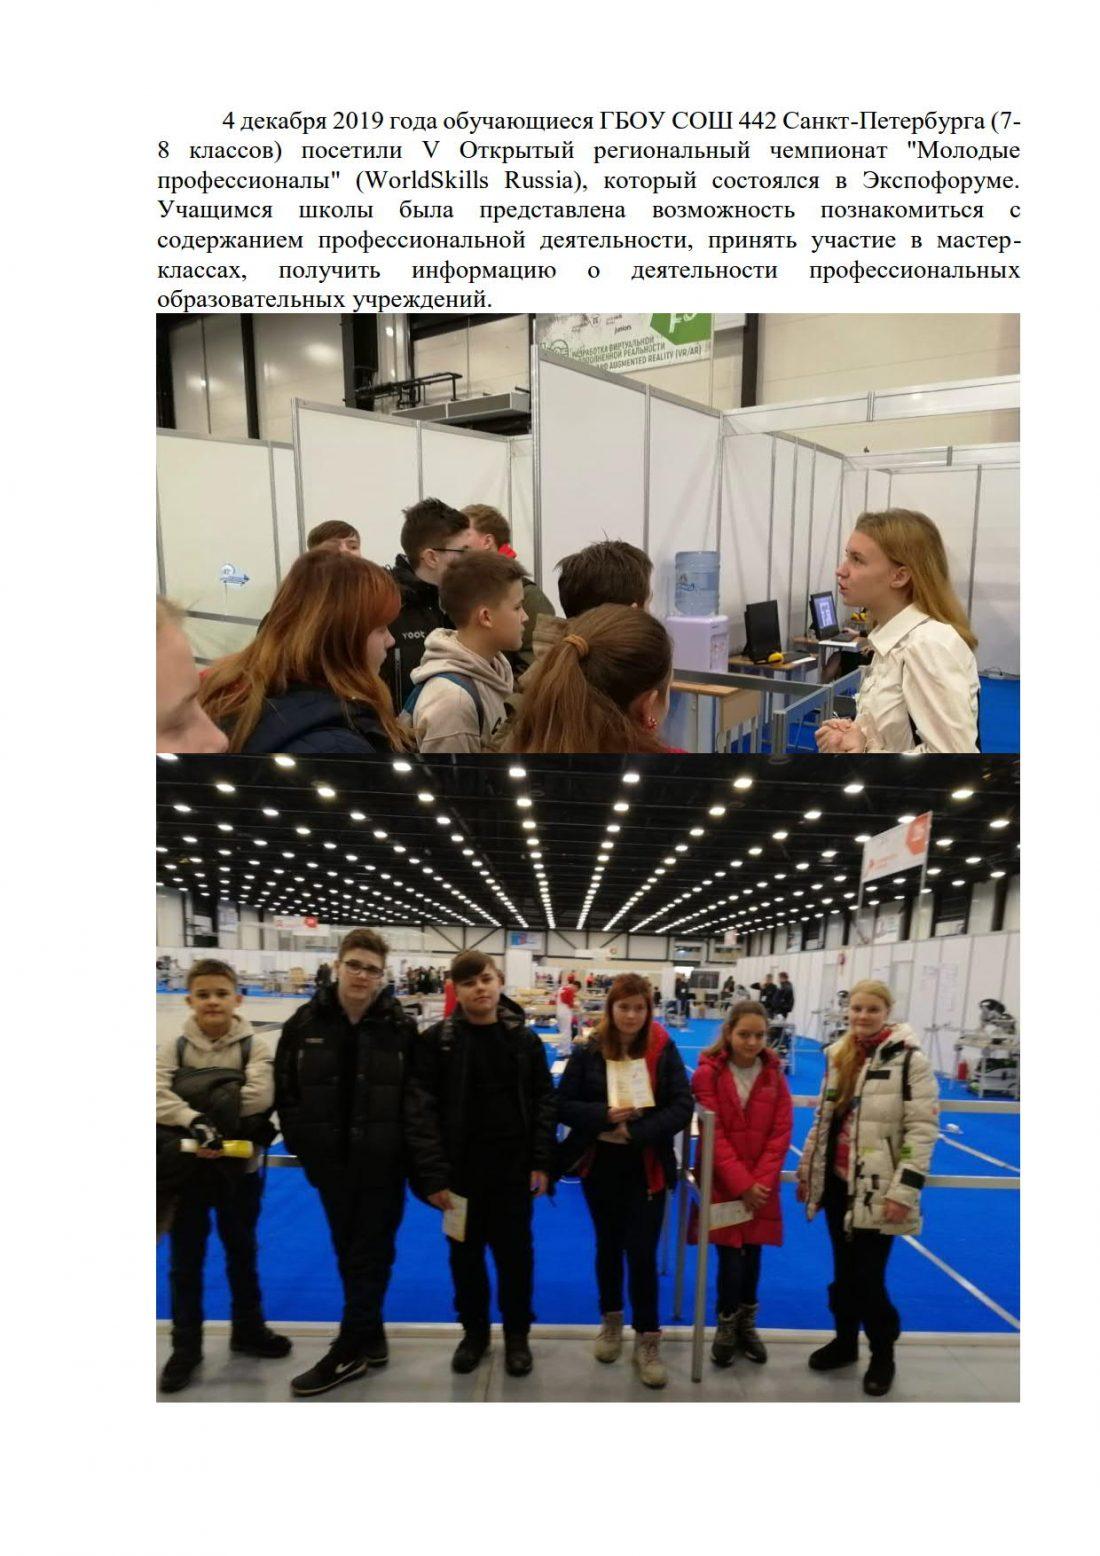 4 декабря 2019 года обучающиеся ГБОУ СОШ 442 Санкт-Петербургапосетили V Открытый региональный чемпионат Молодые профессионалы_1